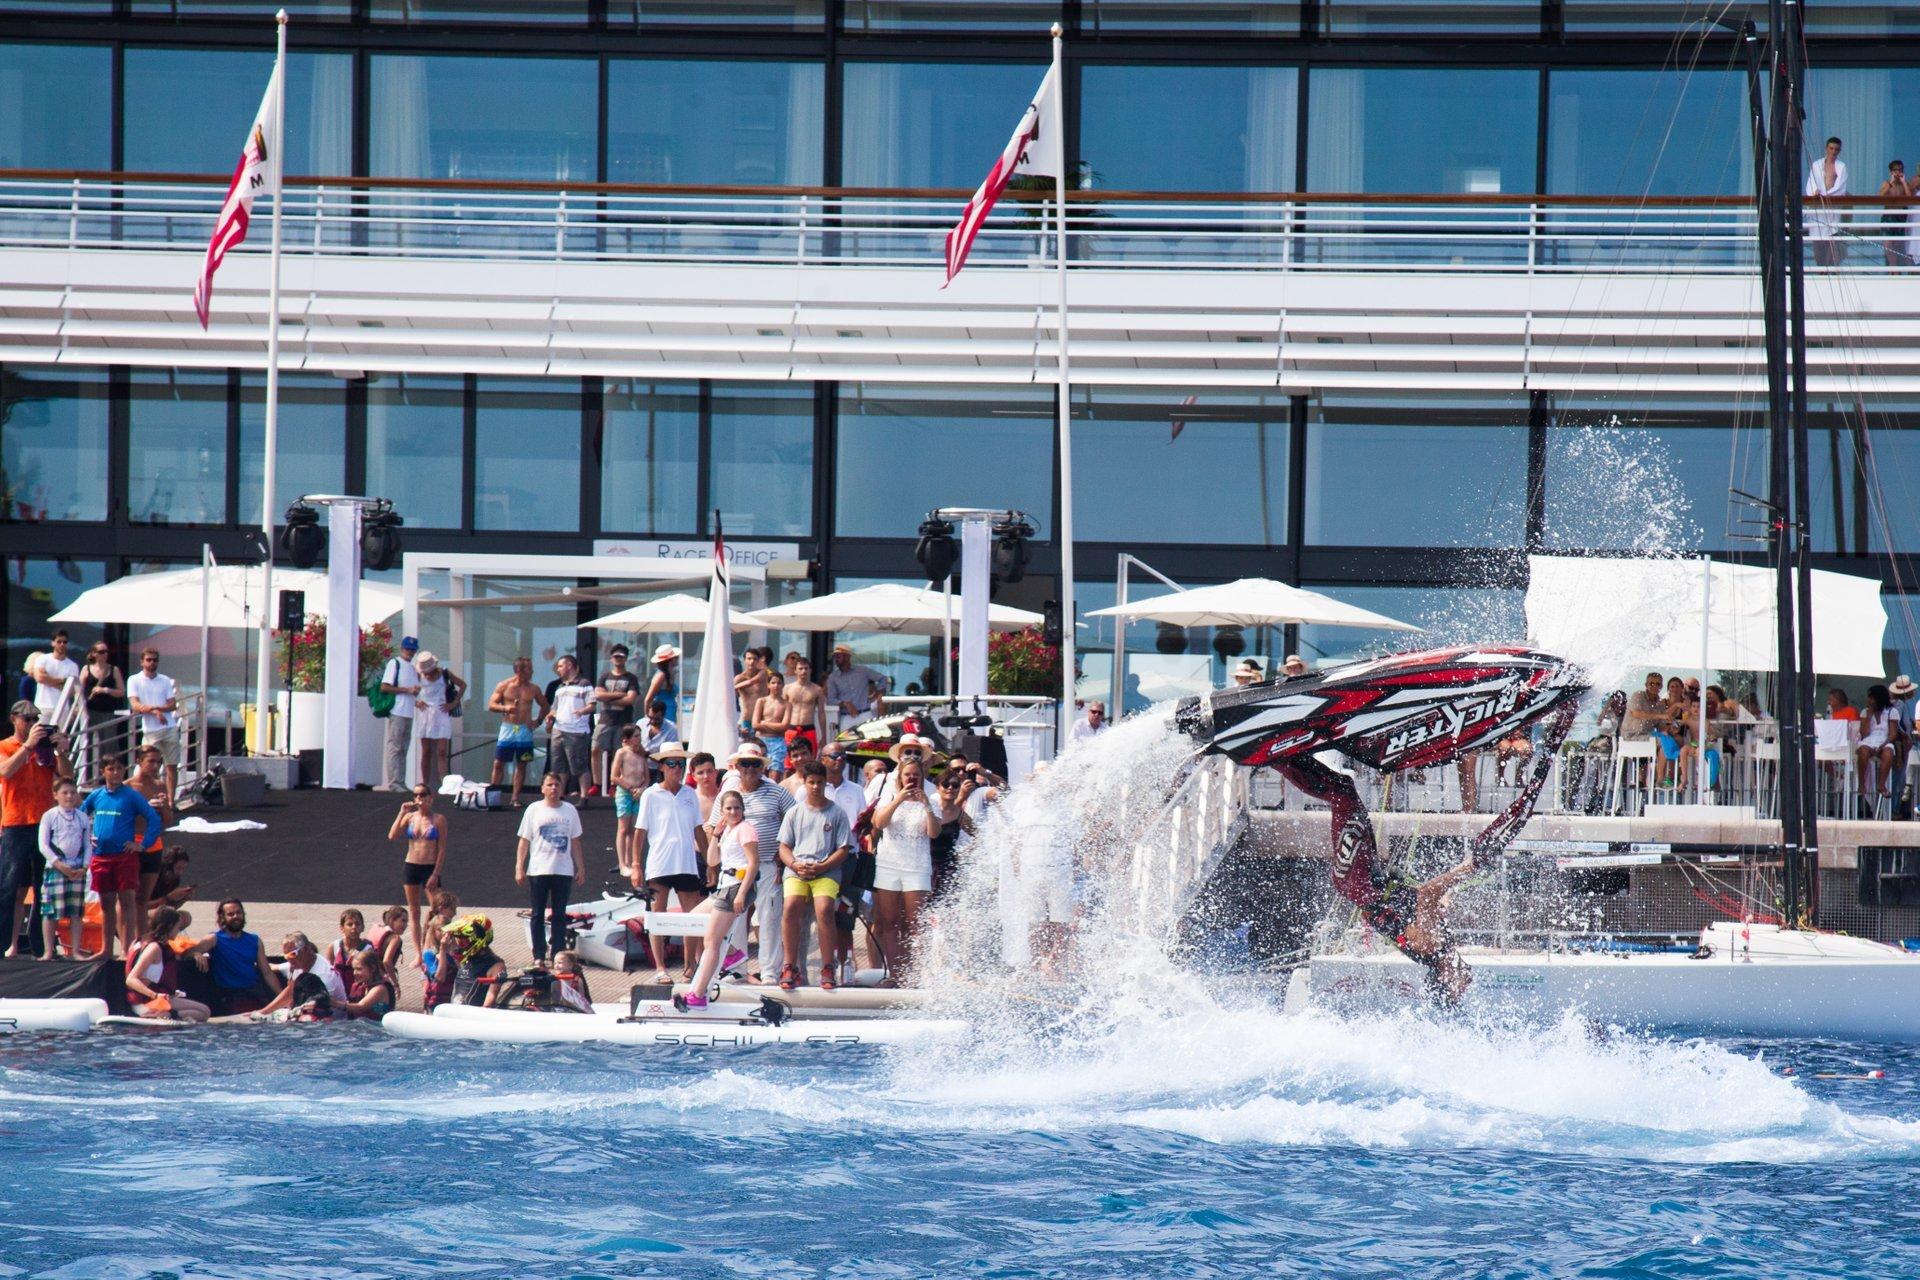 Best time for Fête de la Mer (Festival of the Sea) in Monaco